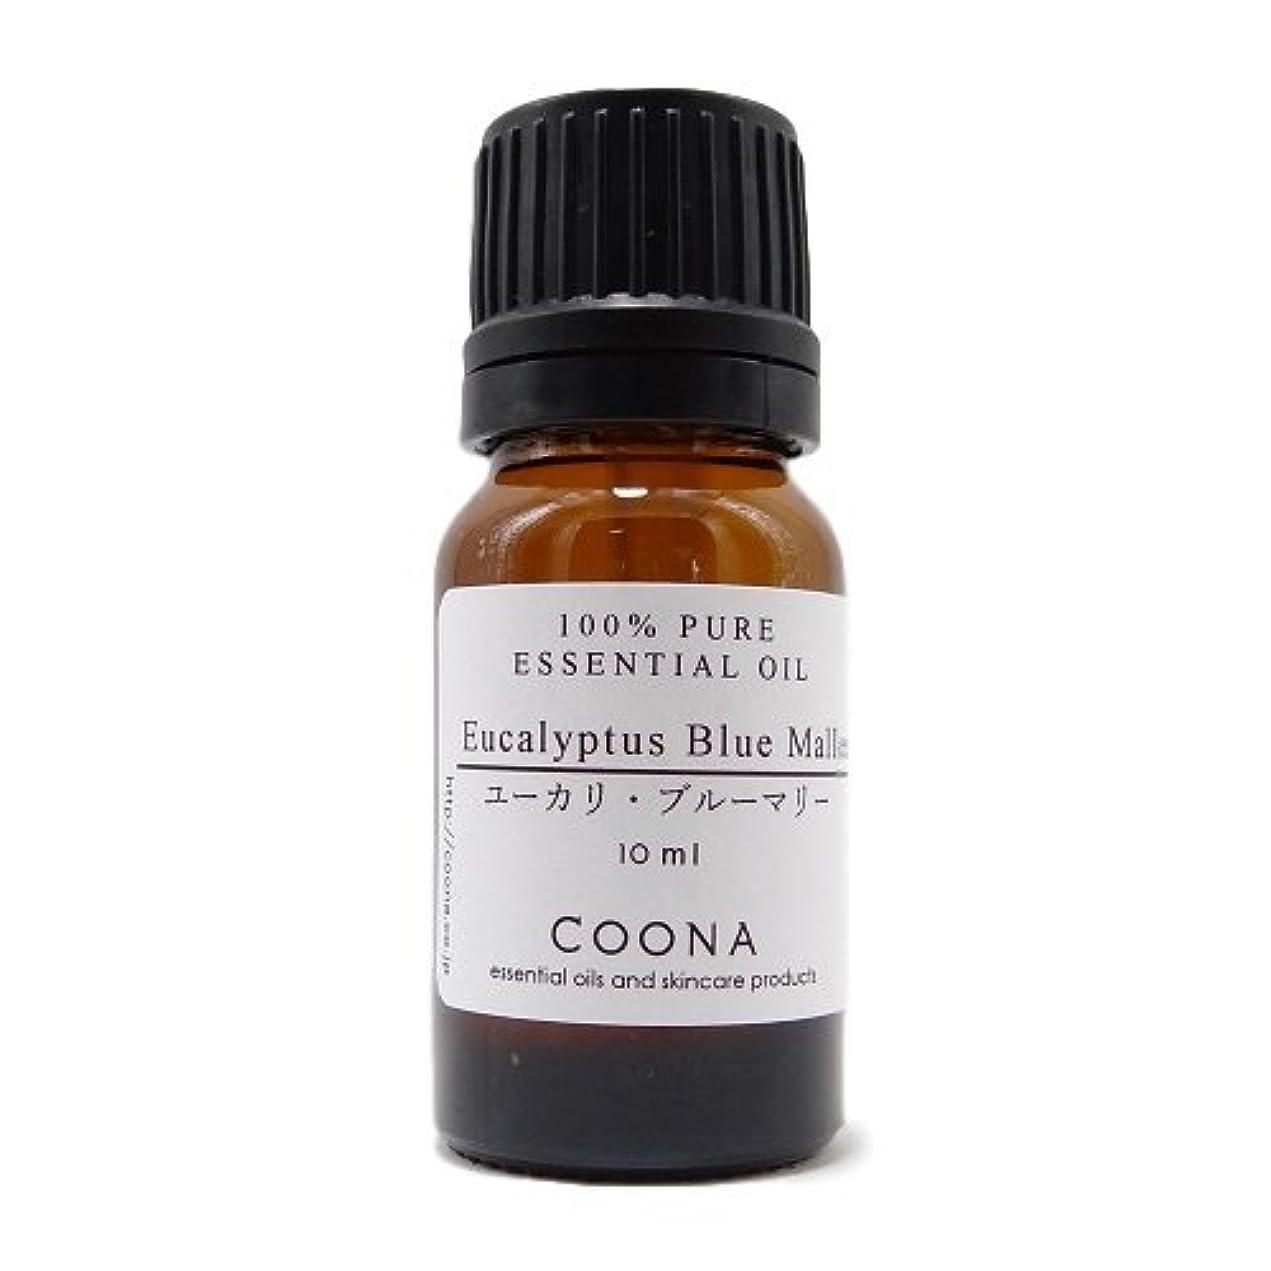 広まった褒賞グリースユーカリ ブルーマリー 10ml (COONA エッセンシャルオイル アロマオイル 100%天然植物精油)